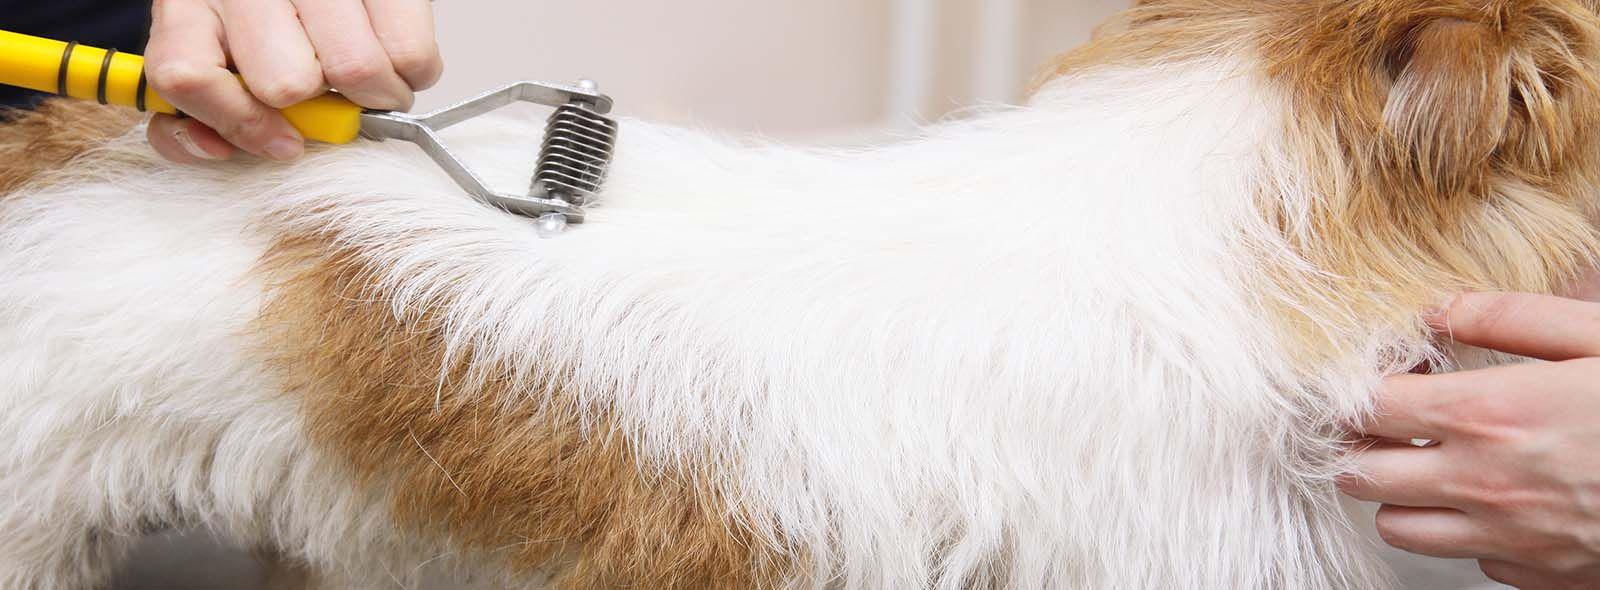 Stripping cani: cos'è?